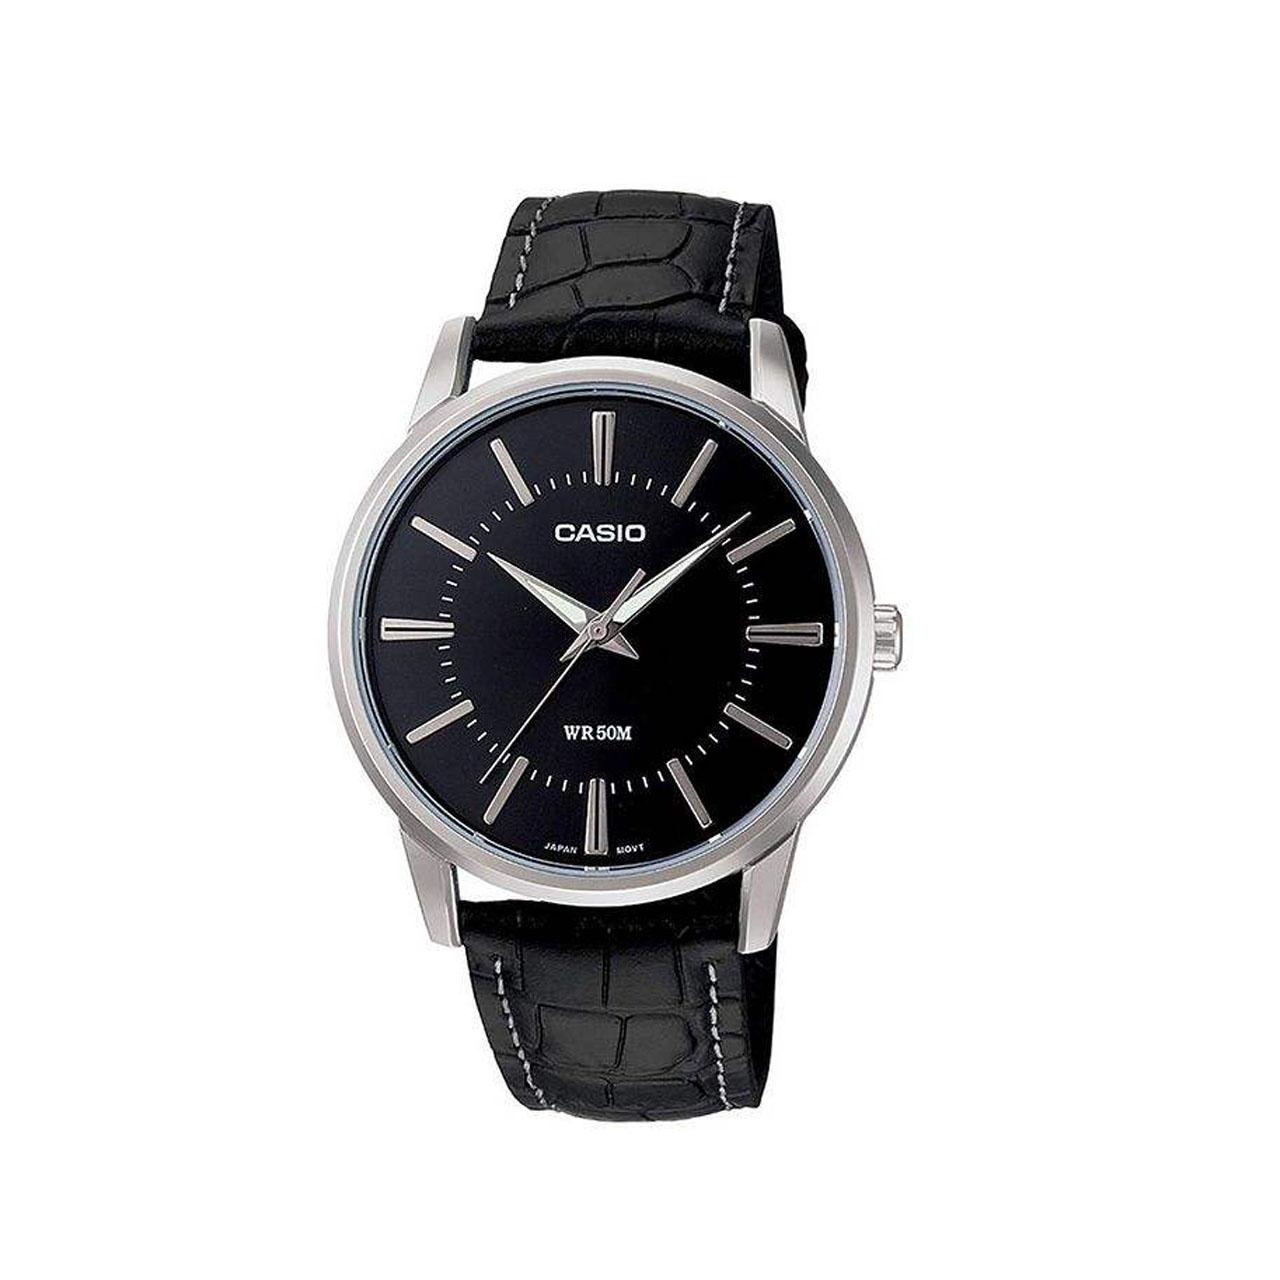 ساعت مچی عقربه ای مردانه کاسیو مدل MTP-1303L-1AVDF DI              خرید (⭐️⭐️⭐️)